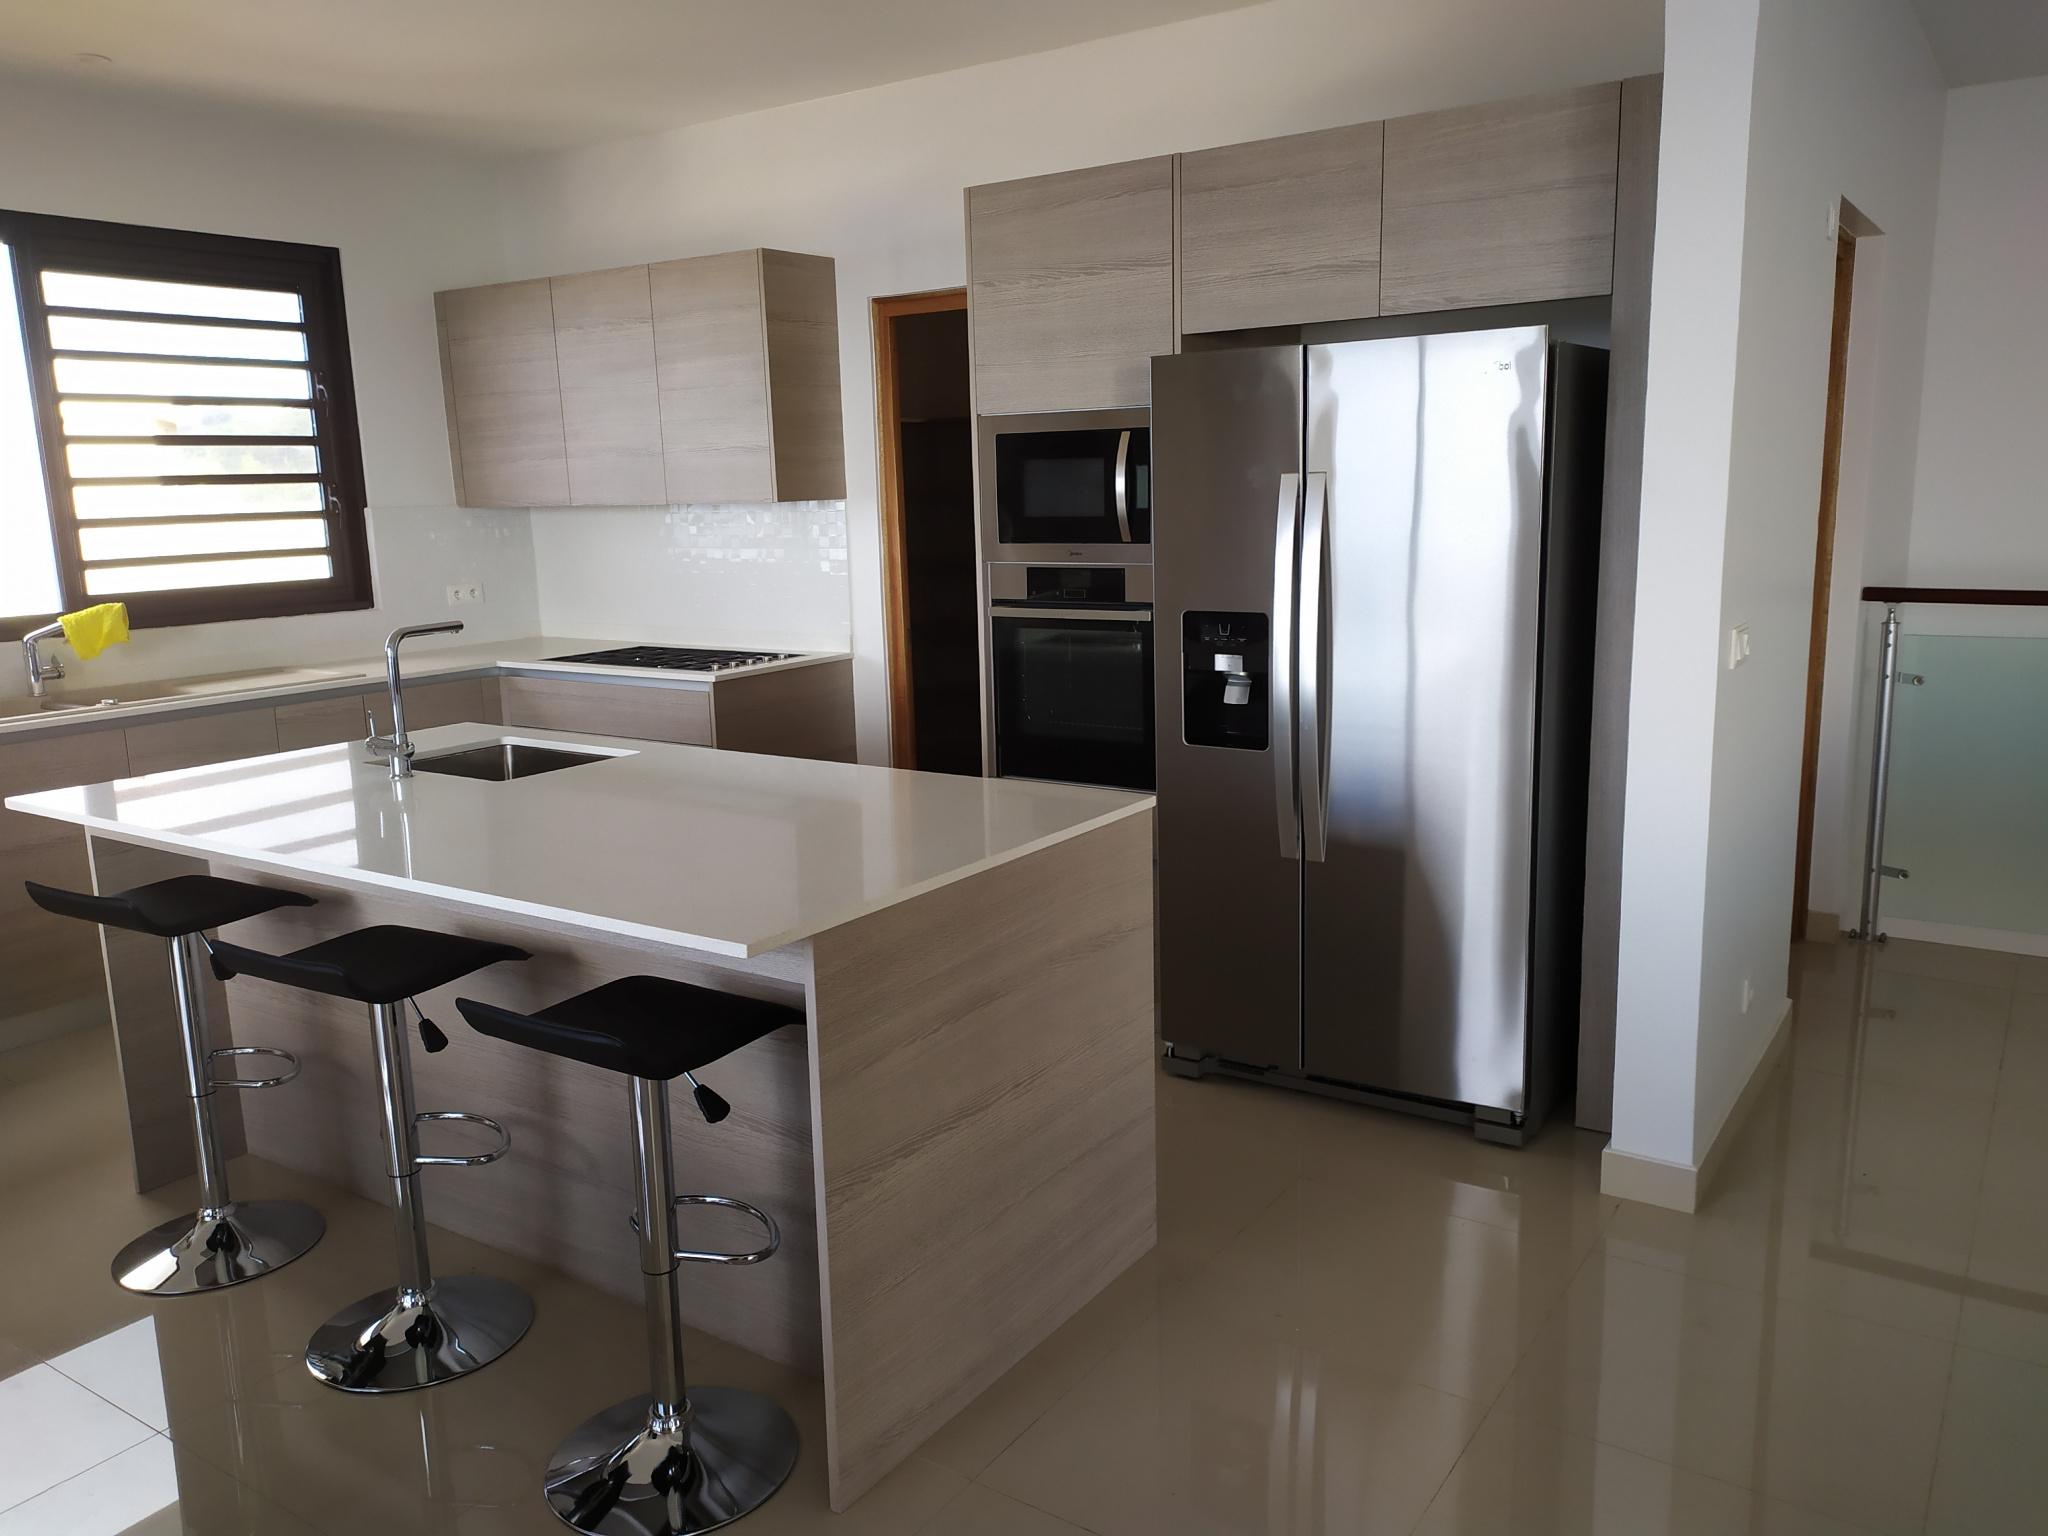 location Magnifique maison de standing 4 chambres à louer sur Faaa Pamatai